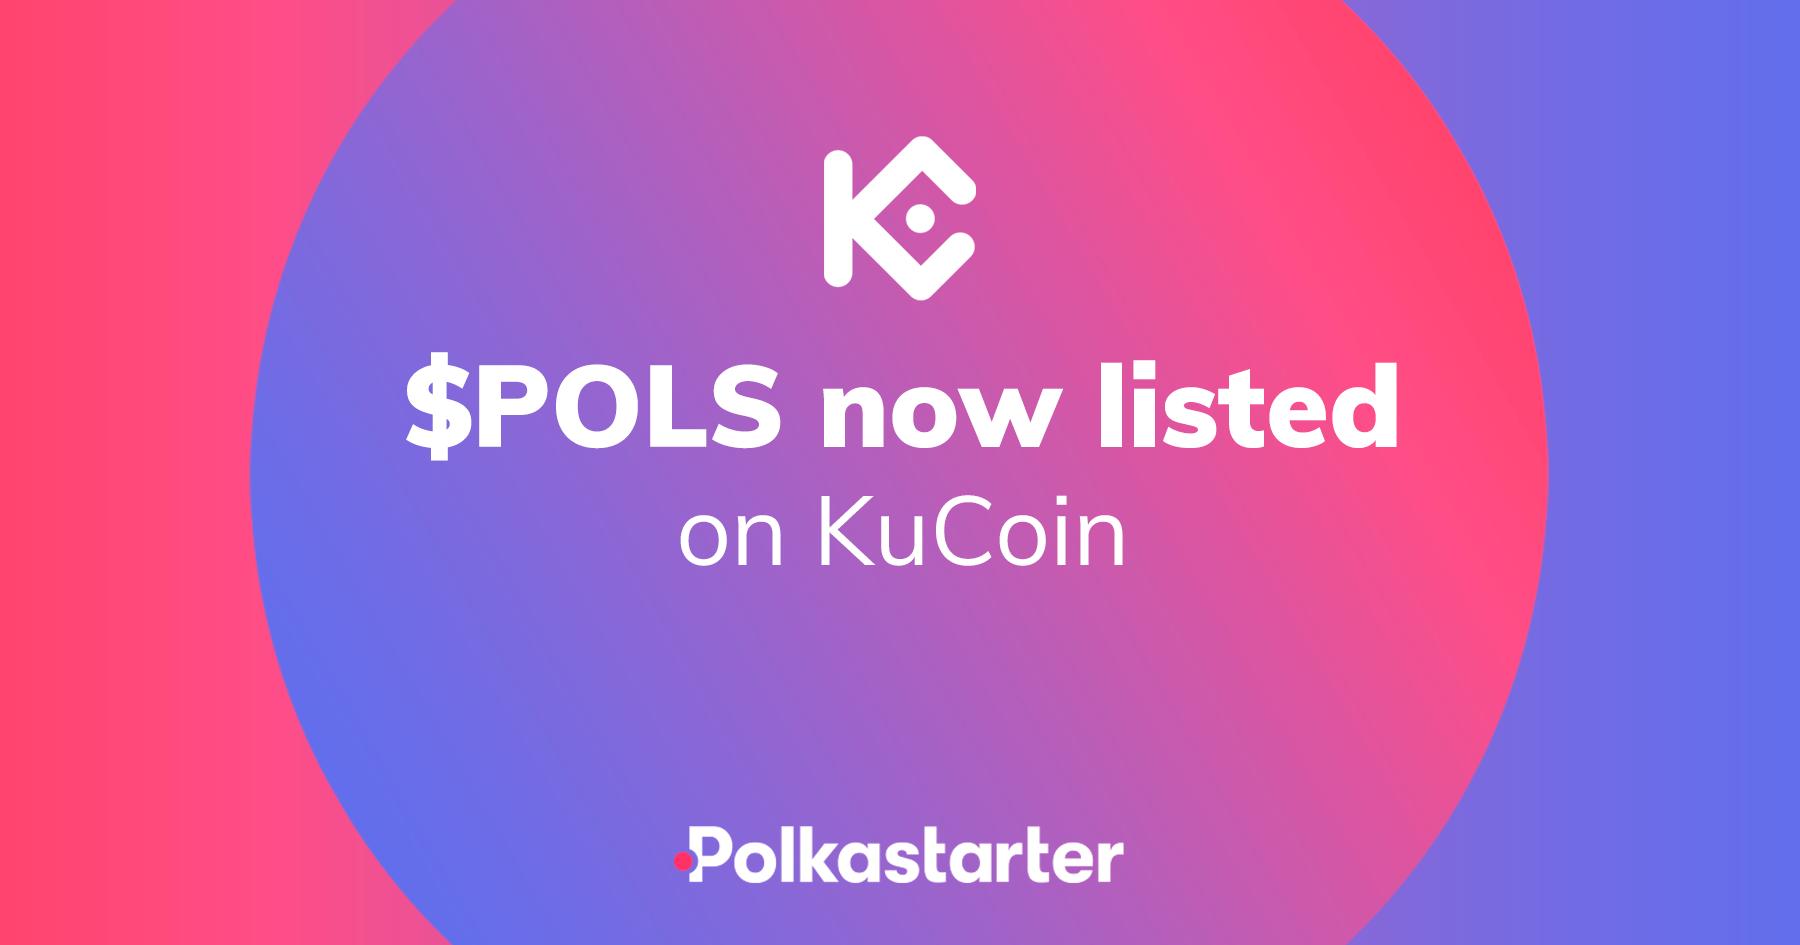 [PolkaStarter] Polkastarter (POLS) is Live on KuCoin! - AZCoin News